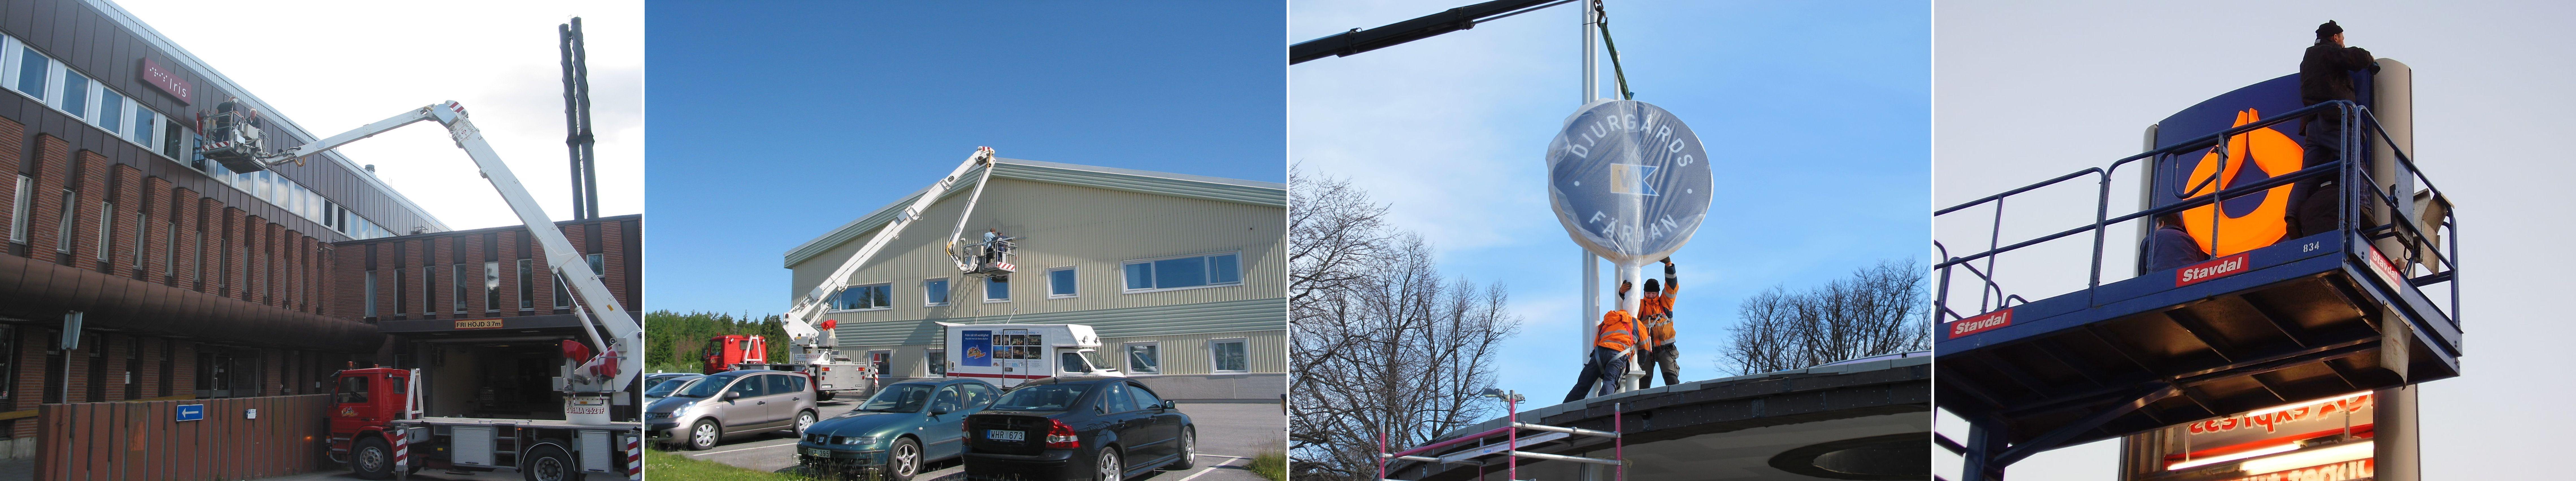 Montering av skyltar, montage, service, trasig skylt, skylift, lysrör.